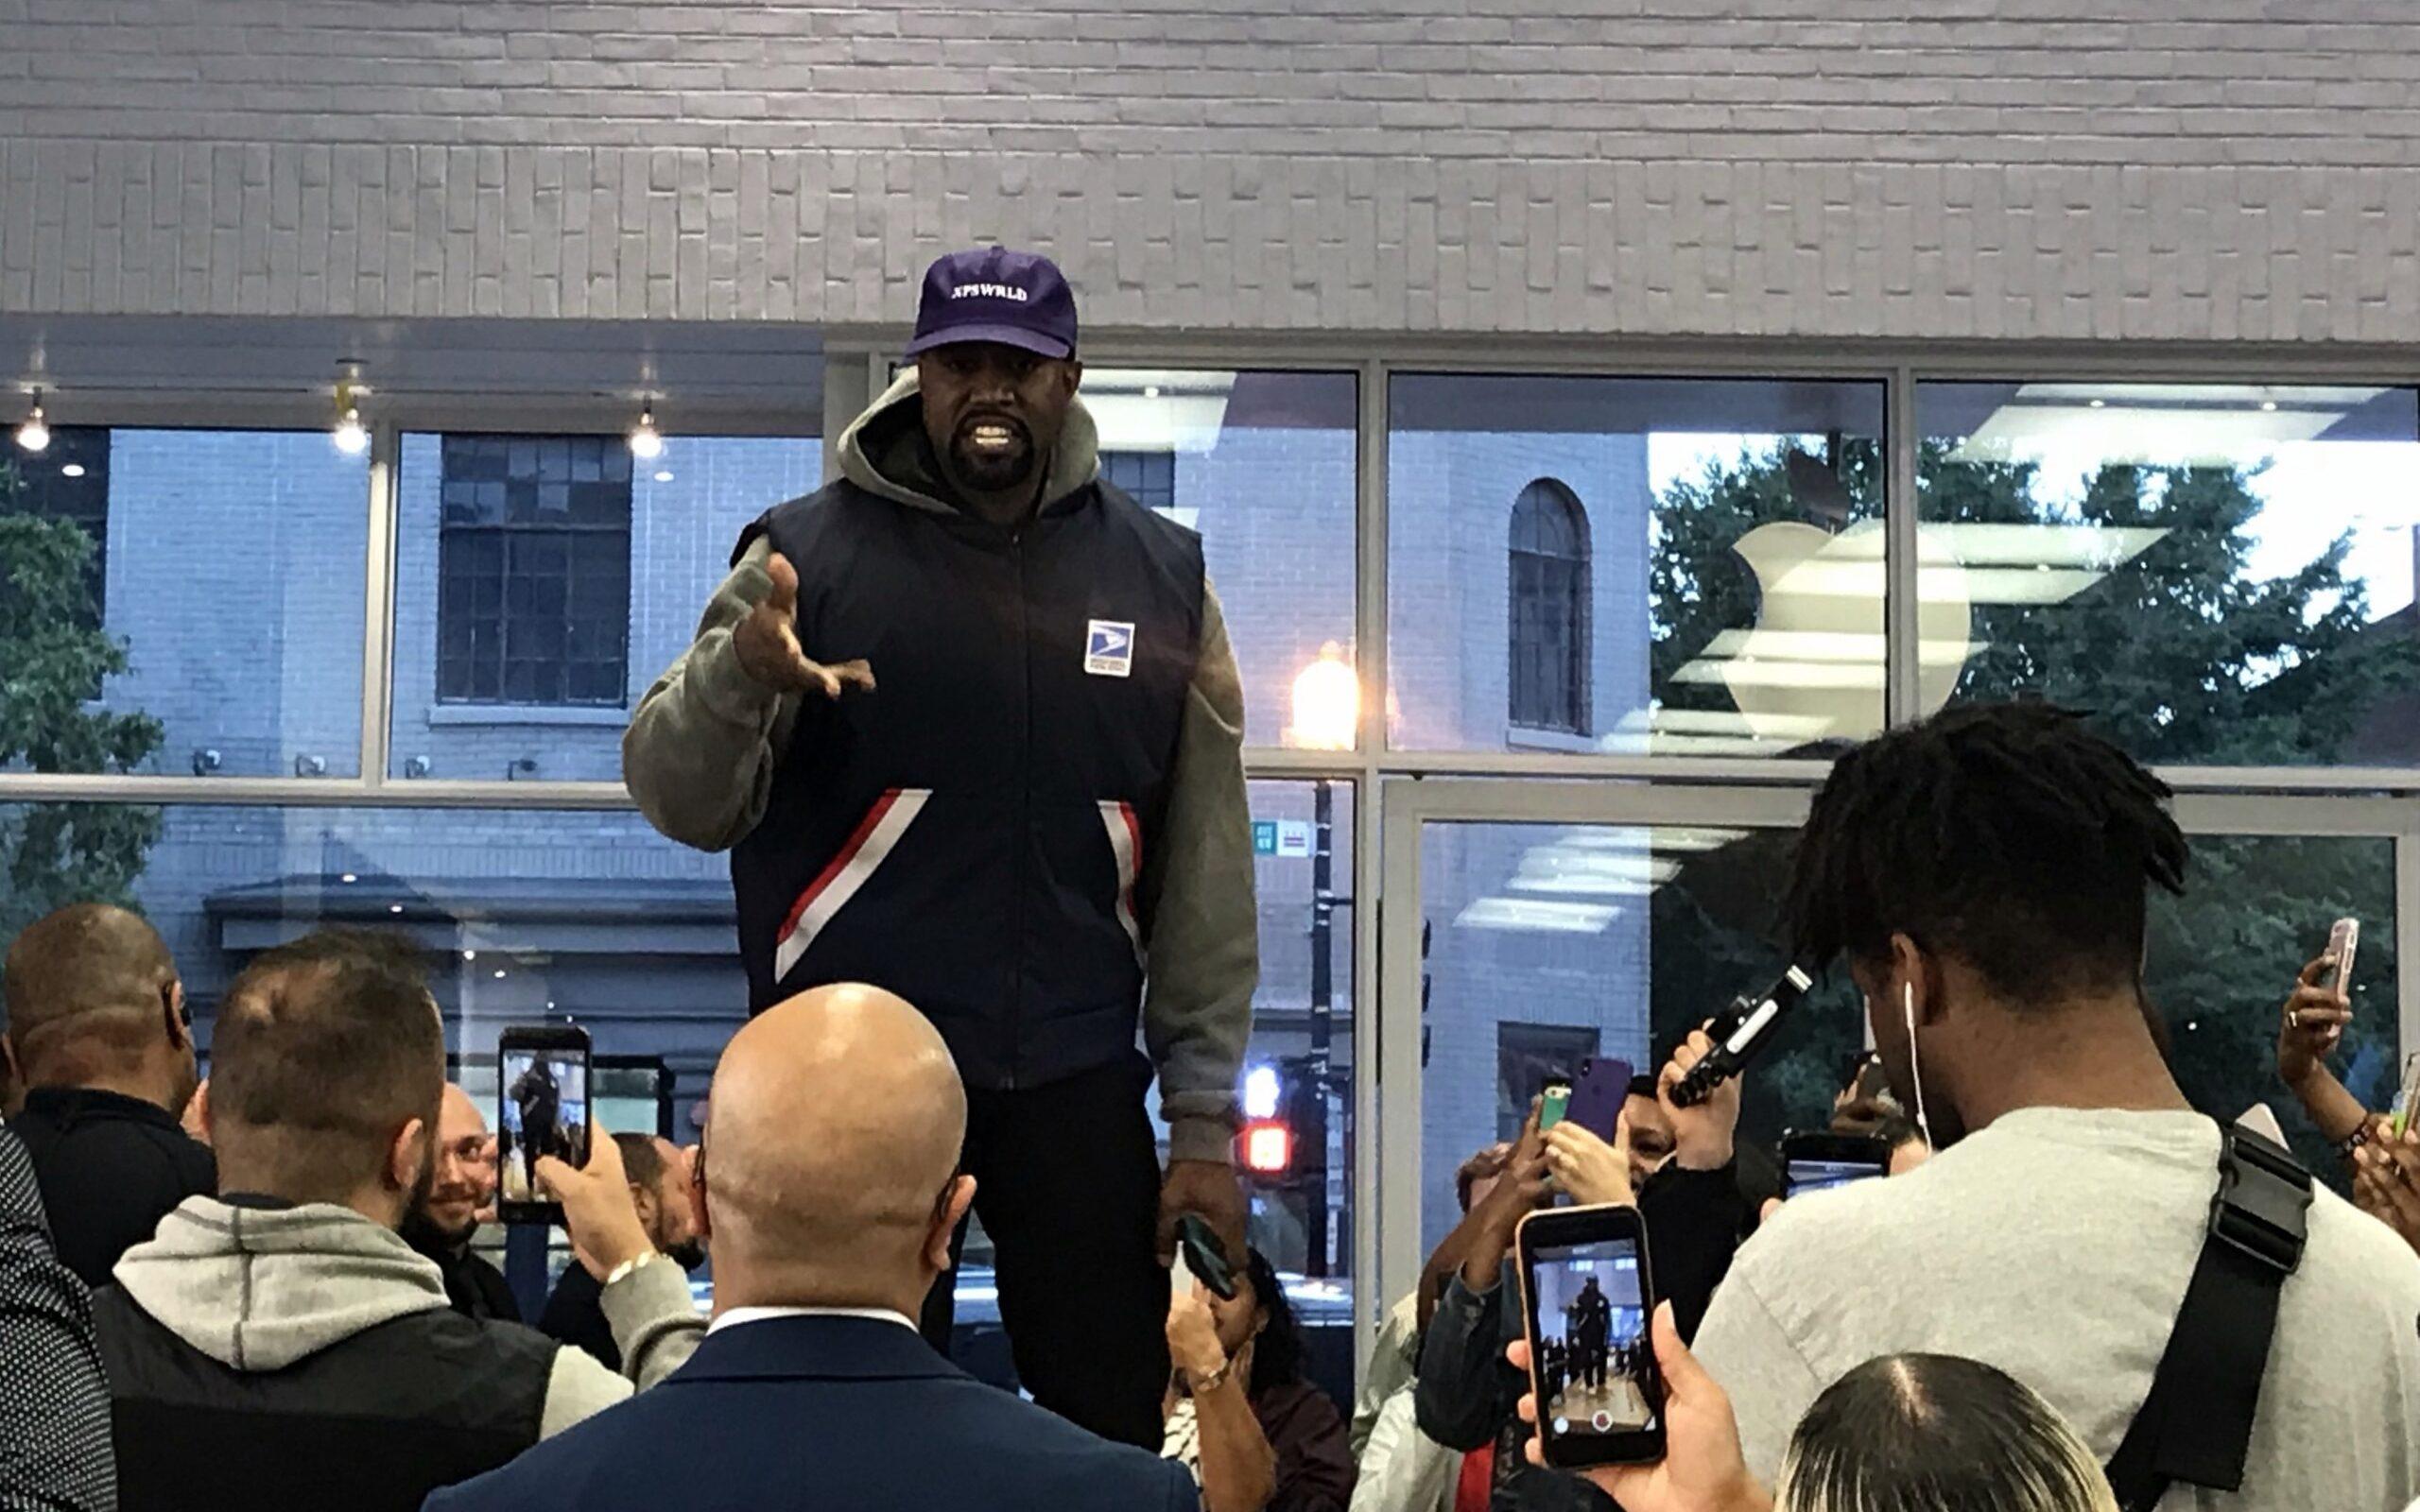 Kanye West opptrer under en åpning av en Apple-butikk i 2+18. Foto: Bex Walton